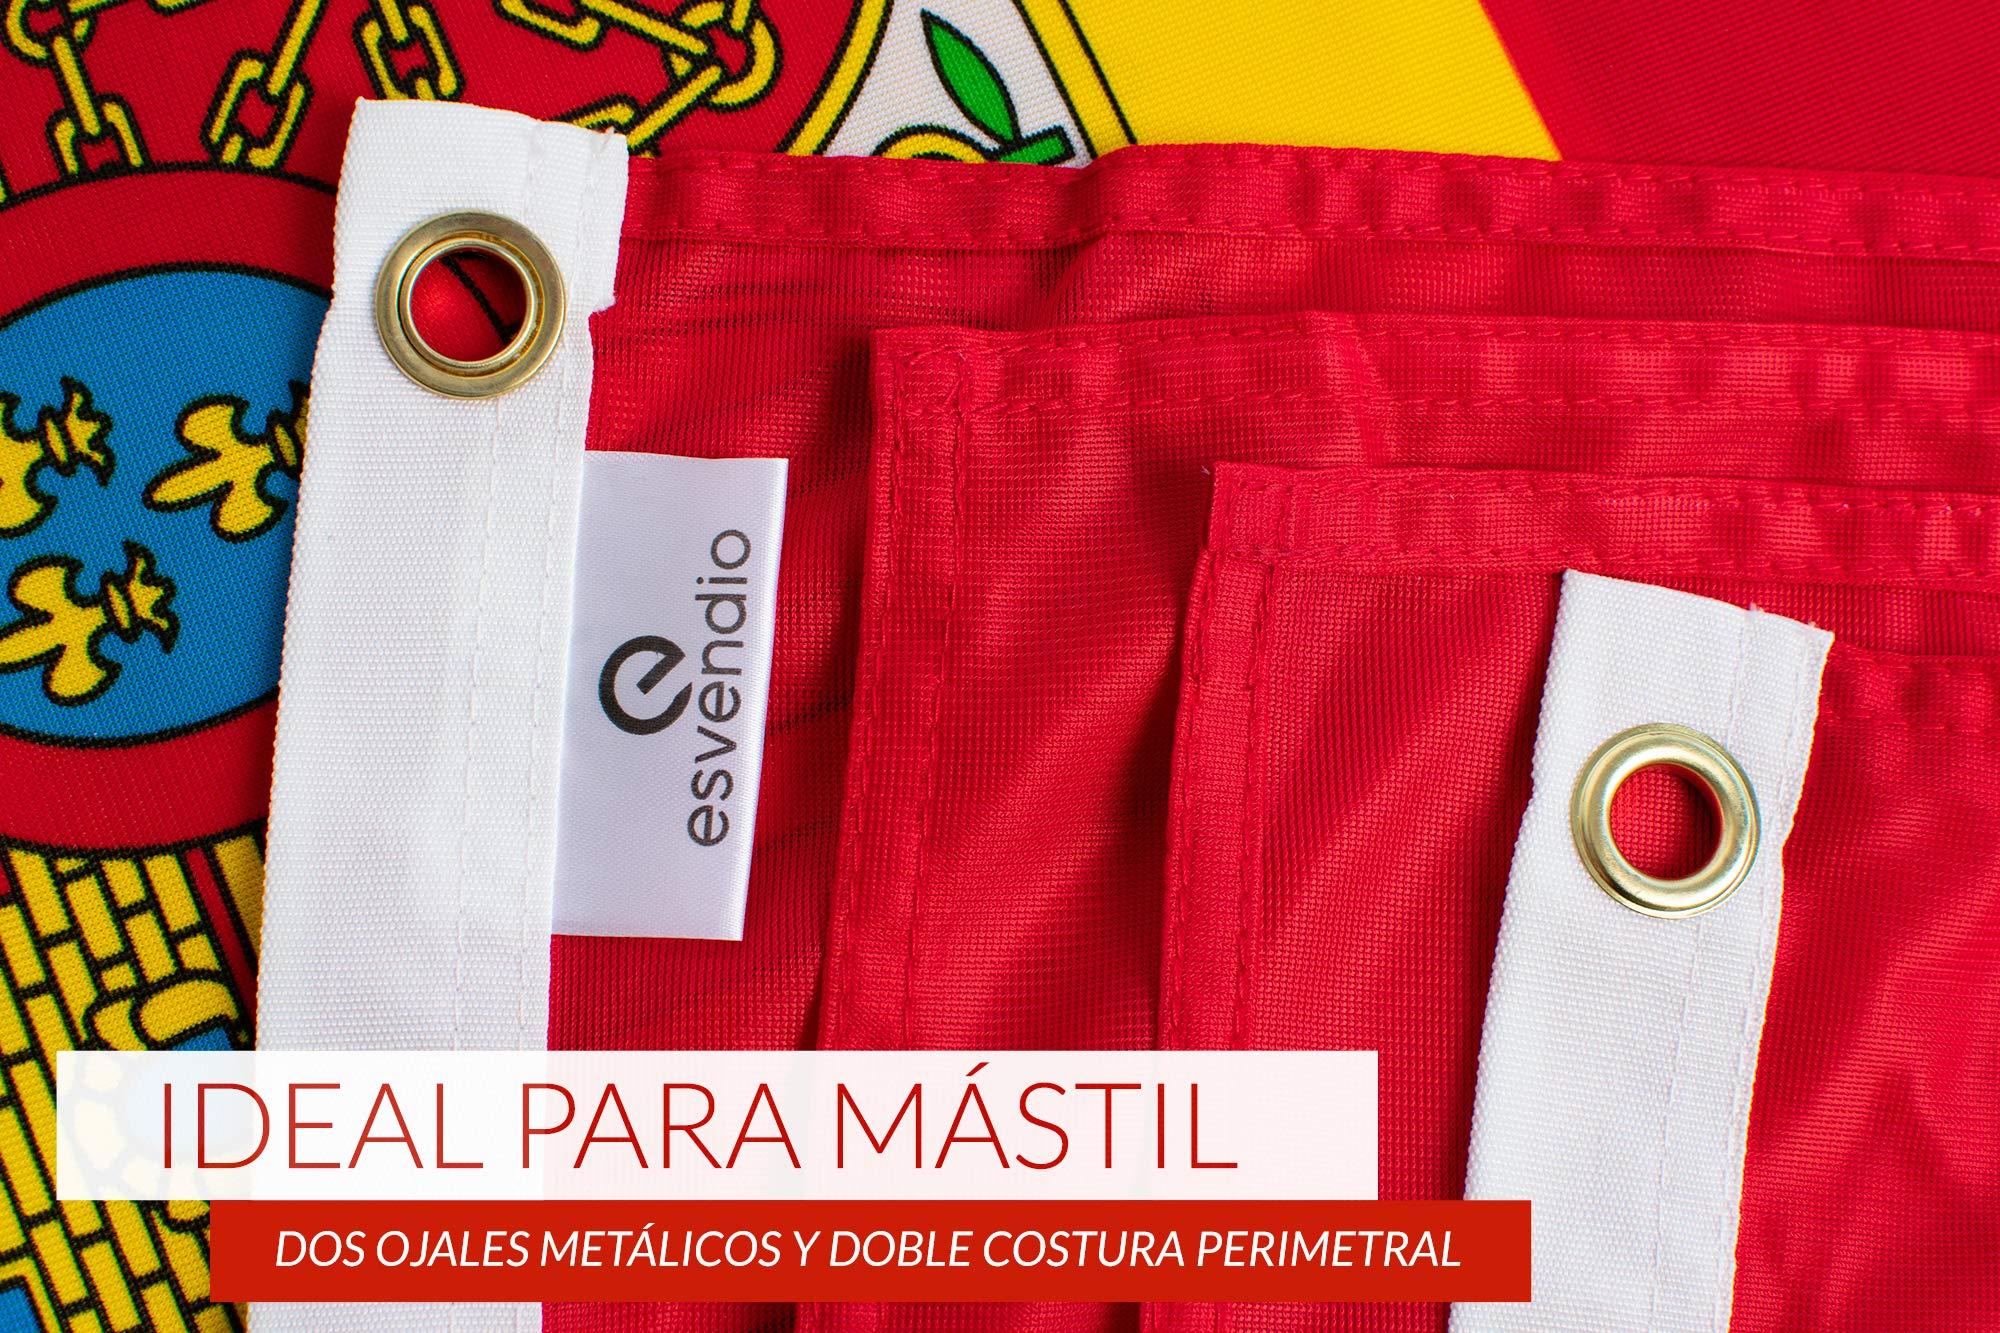 esvendio Bandera de España de Tela Fuerte (2pcs), Bandera Española Grande para Exterior 150x90 cm: Amazon.es: Jardín